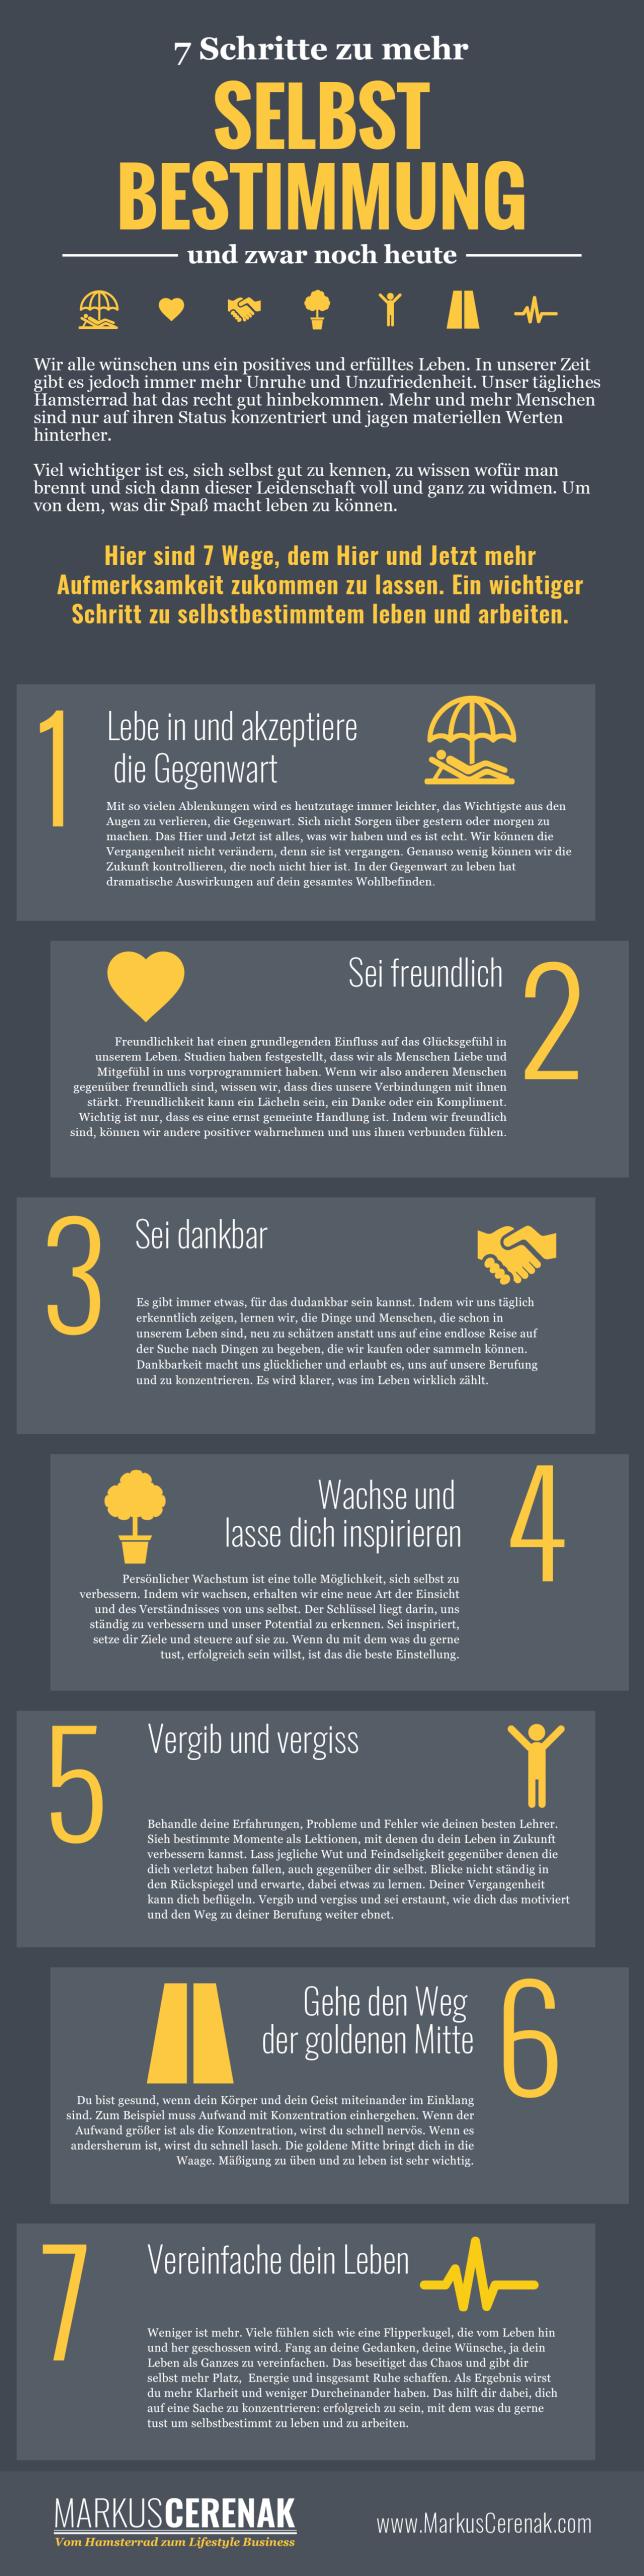 7-Schritte-zu-mehr-Selbstbestimmung1